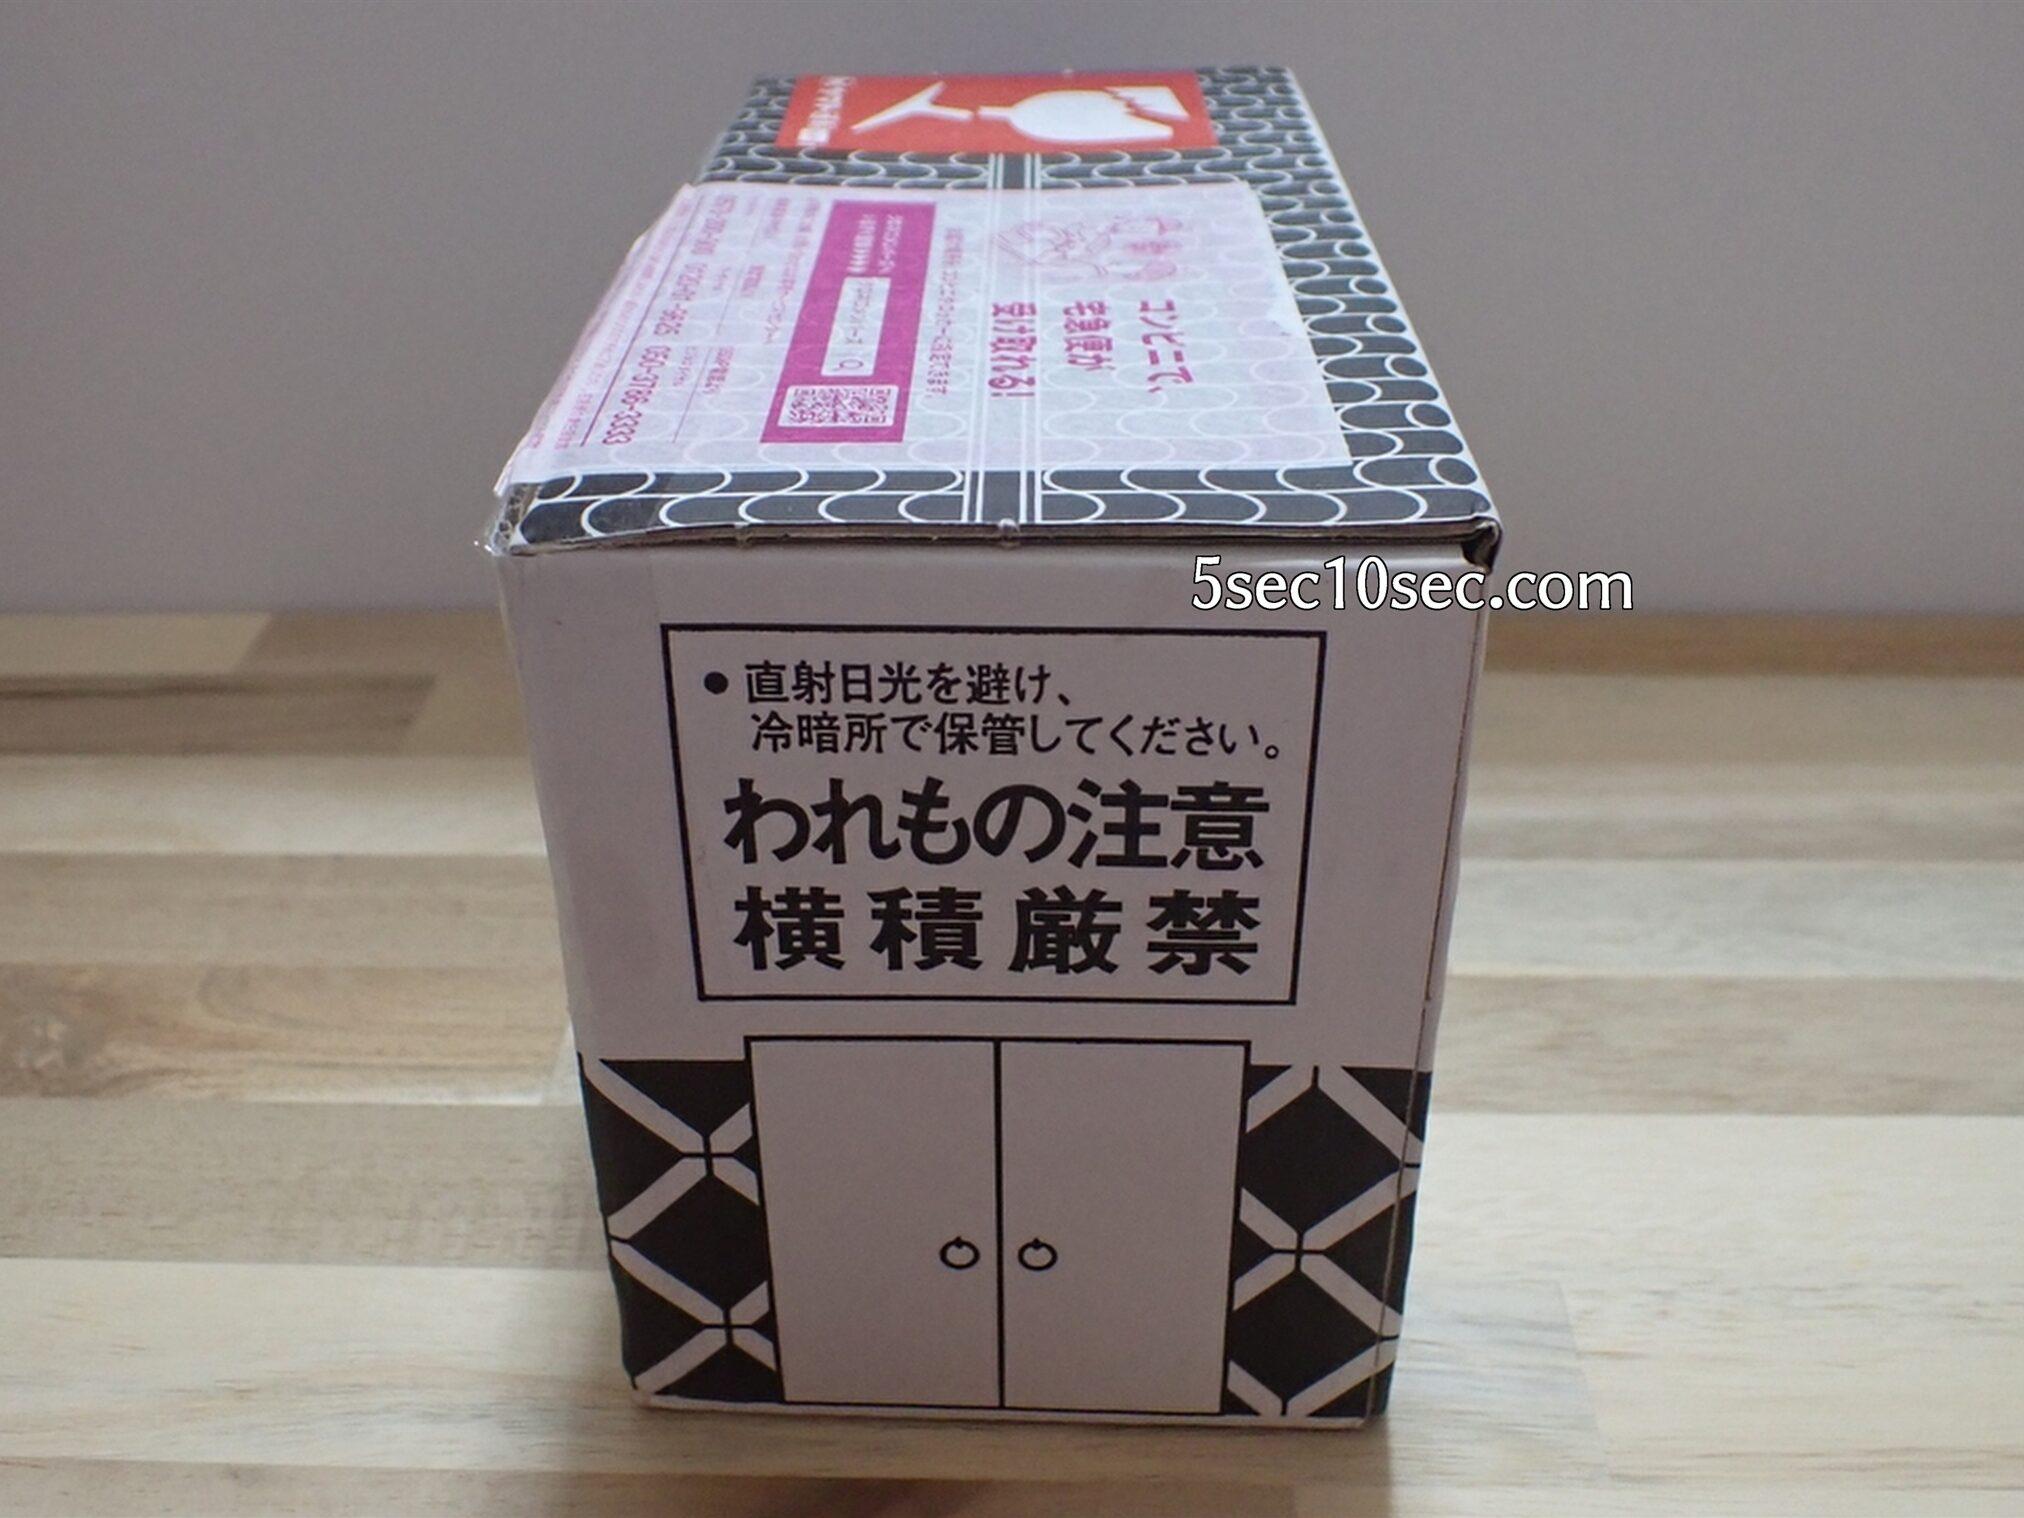 菊正宗酒造株式会社 乳酸菌「LK-117」配合 酒蔵の乳酸菌 米のしずく ドリンクタイプ10日間お試しセット 届いた時の状態、このような箱で届きます